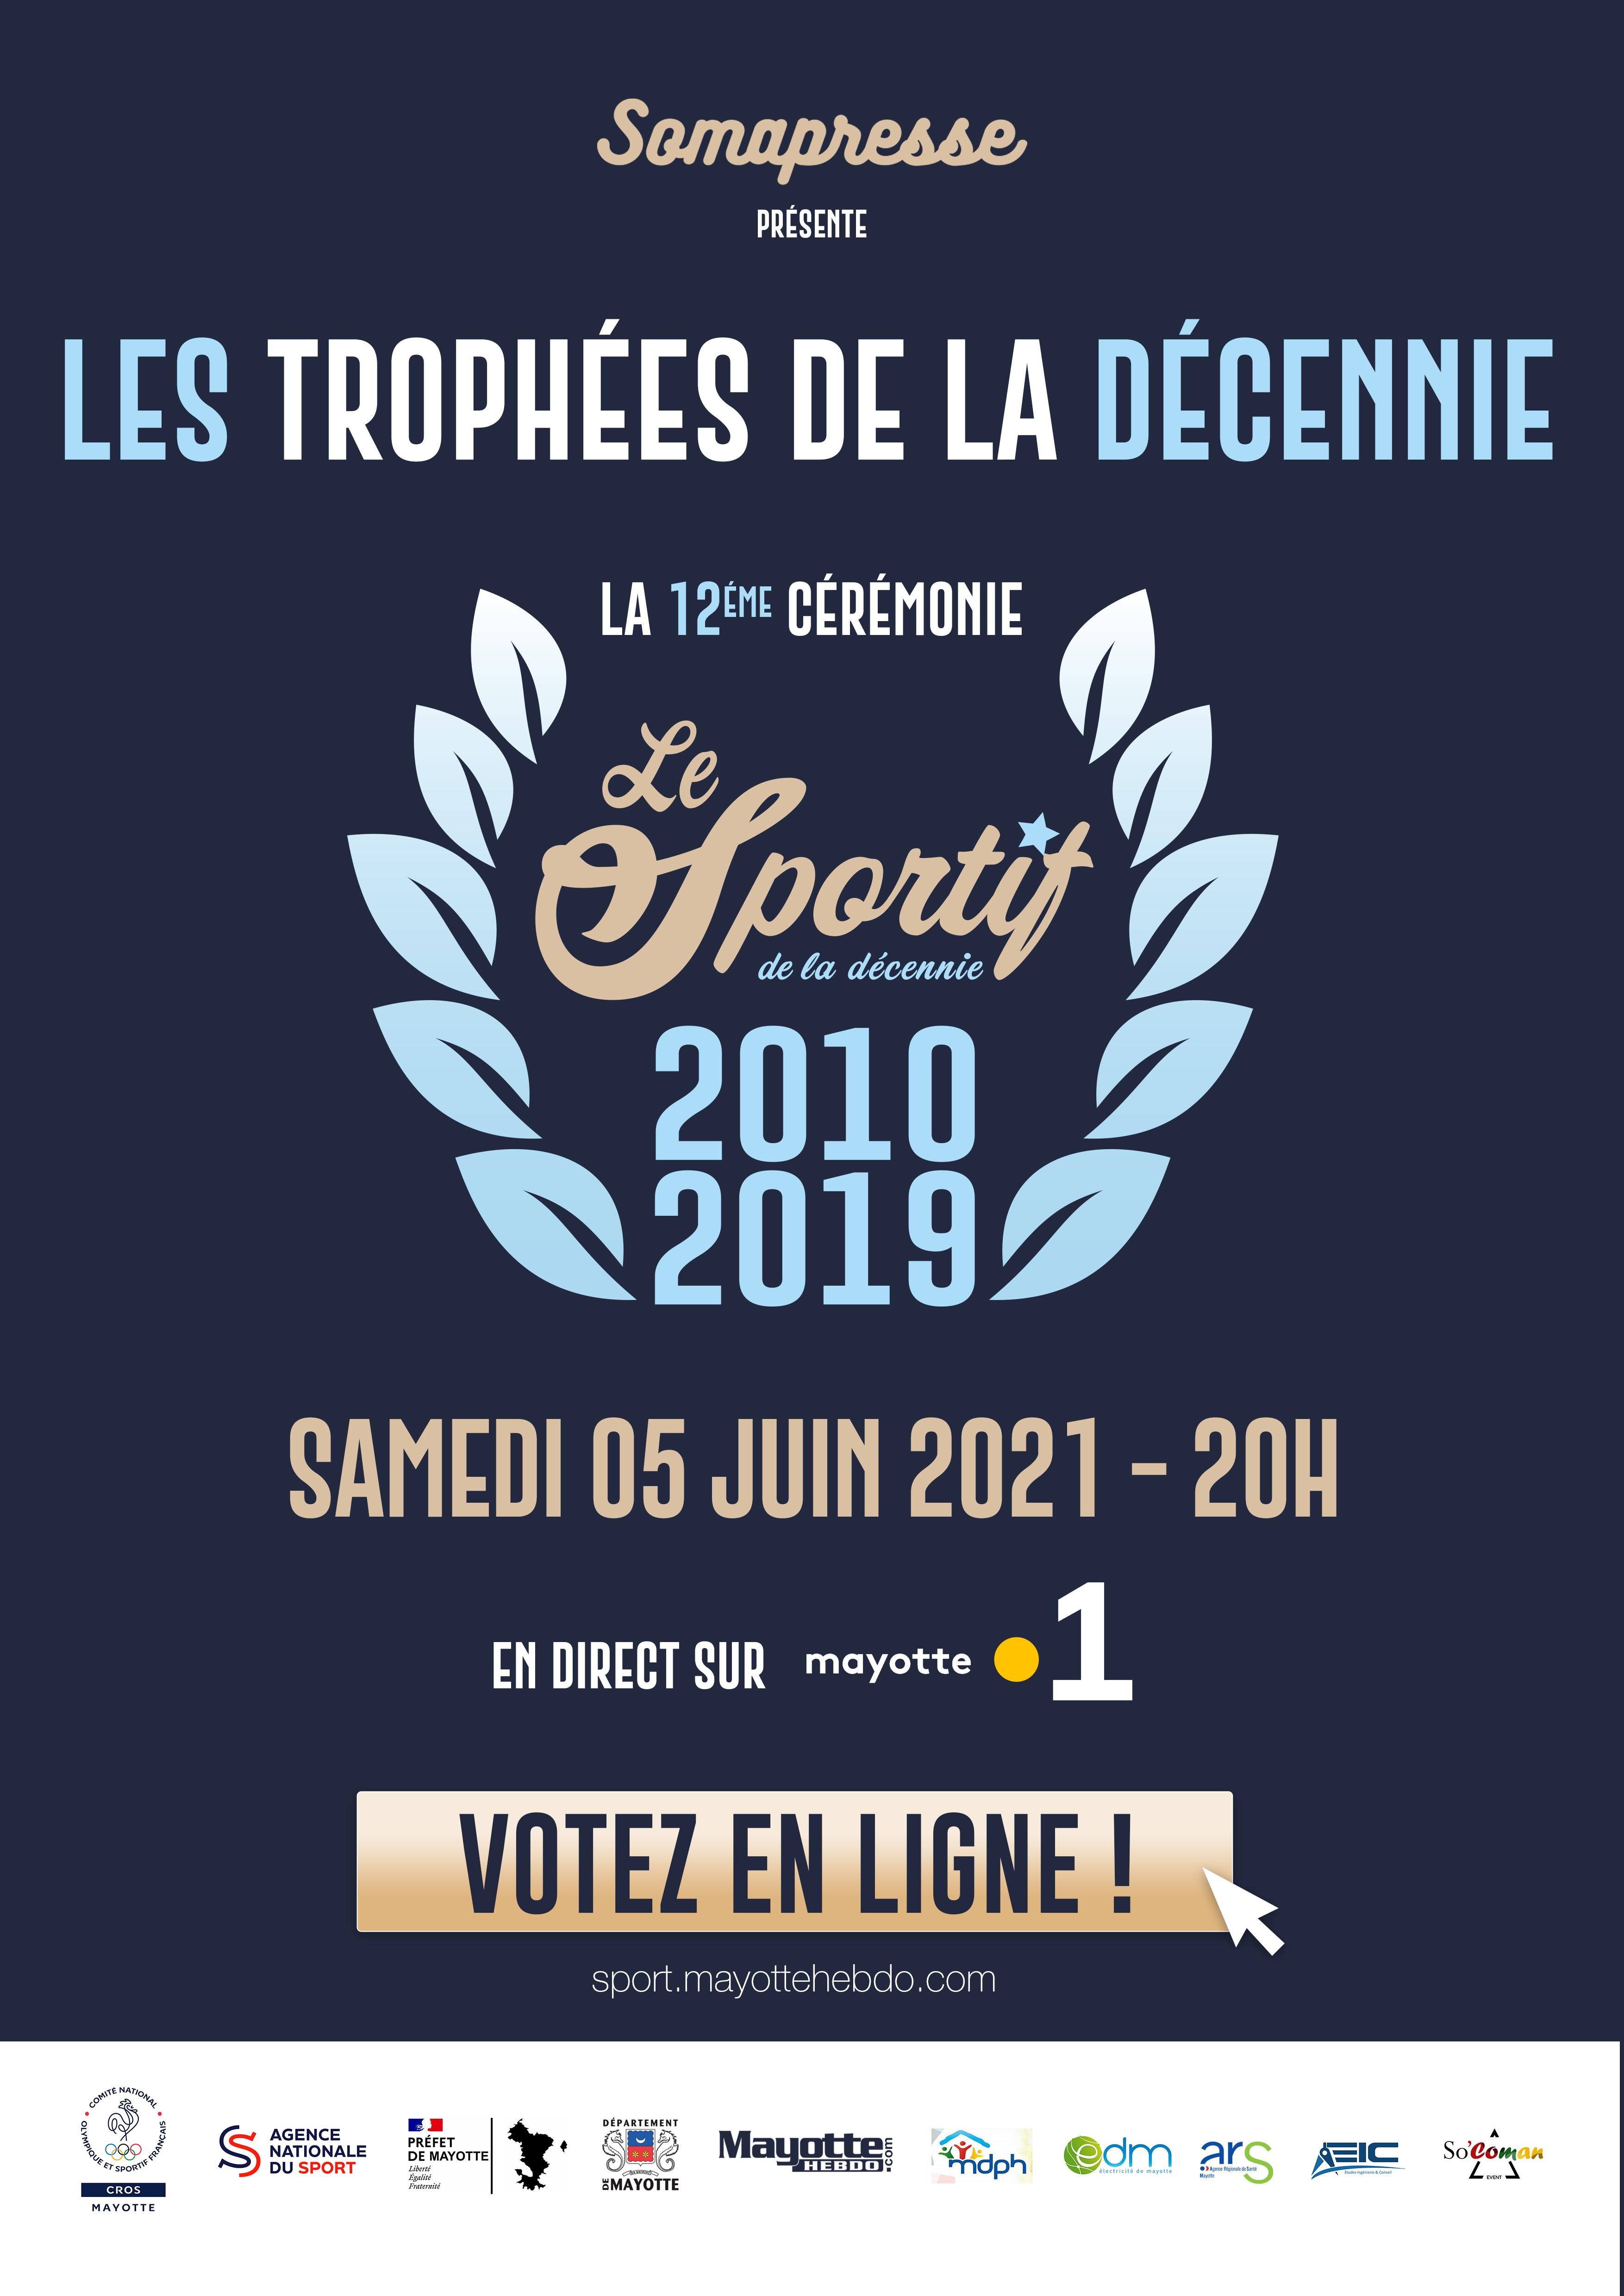 Évènement: La 12e cérémonie du Sportif de la décennie retransmise en direct sur Mayotte La 1ère le 5 juin